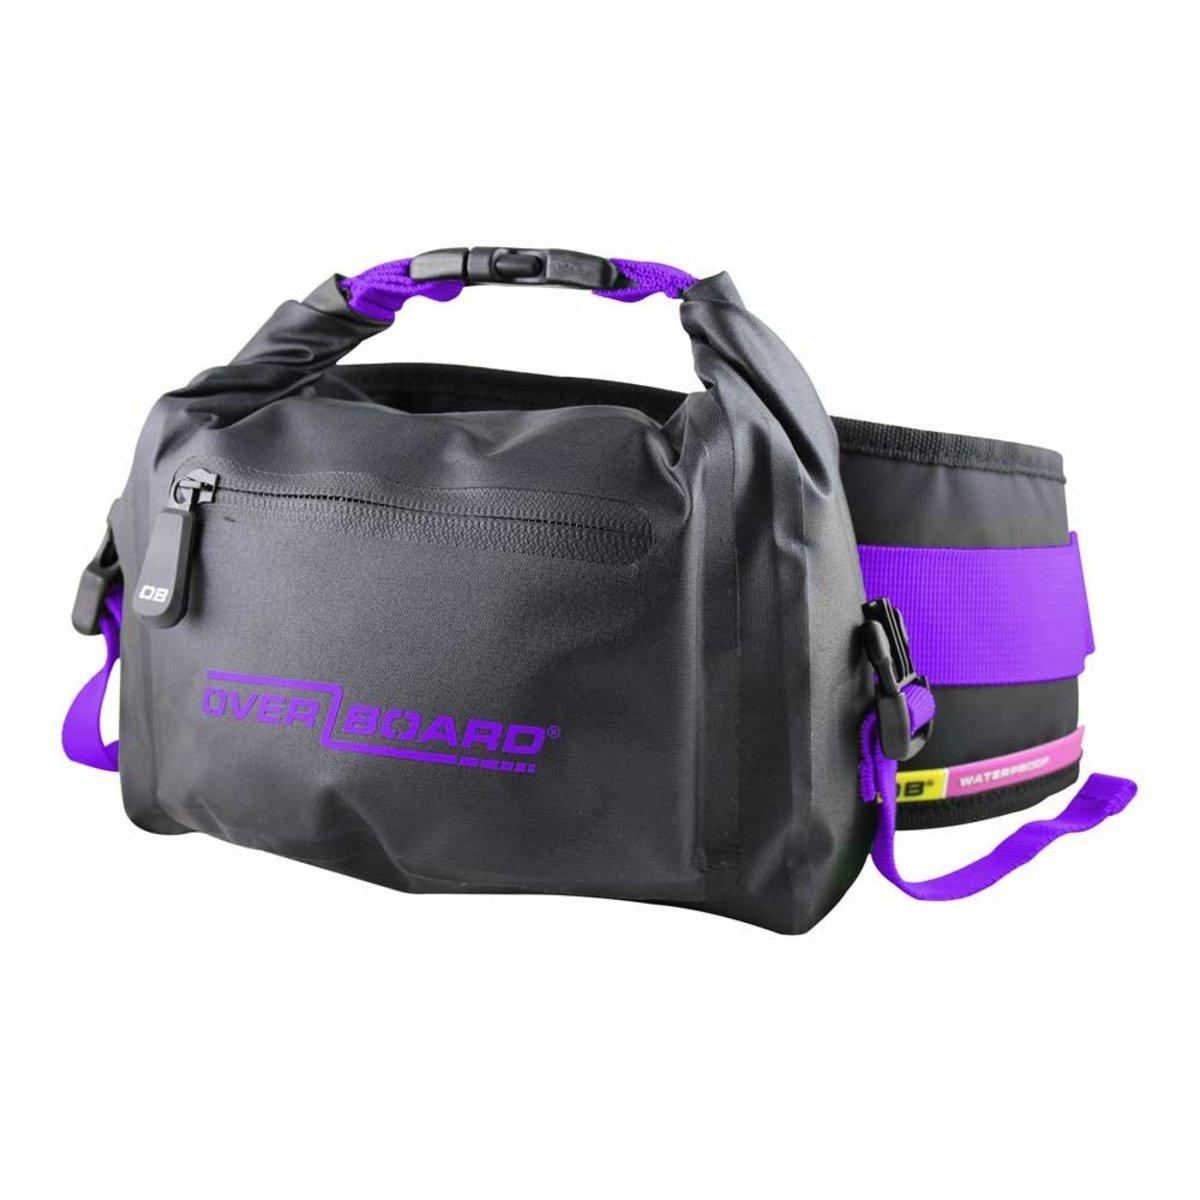 英國防水腰包 4 Litre Pro-Light Waist Pack Purple